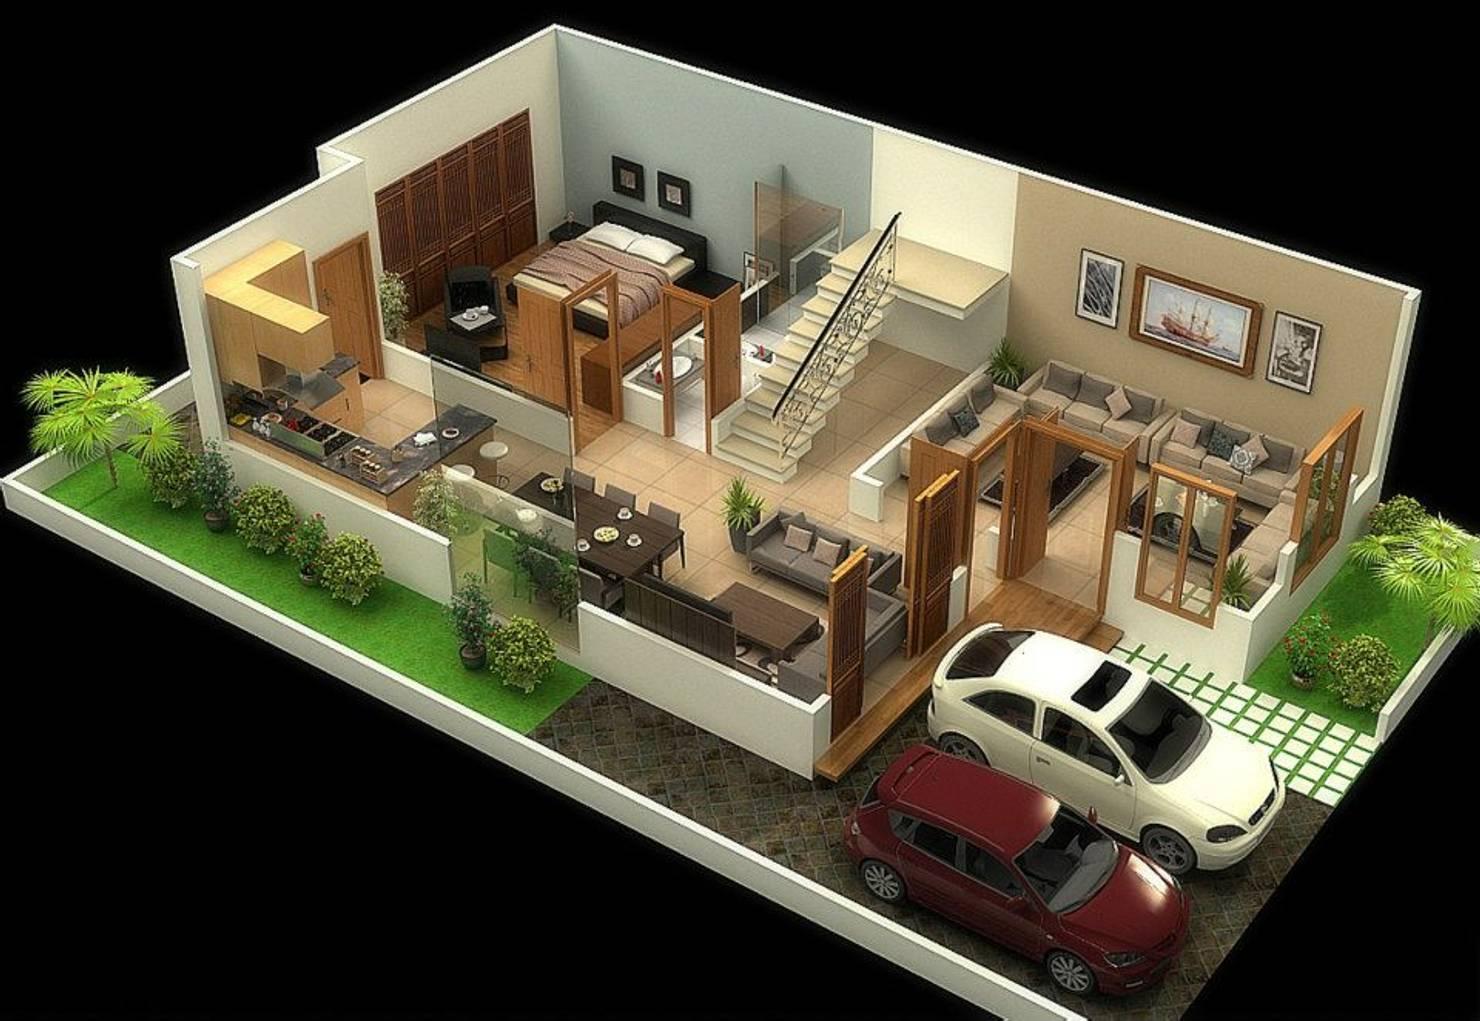 13 planos de casas que debes ver antes de construir tu casa